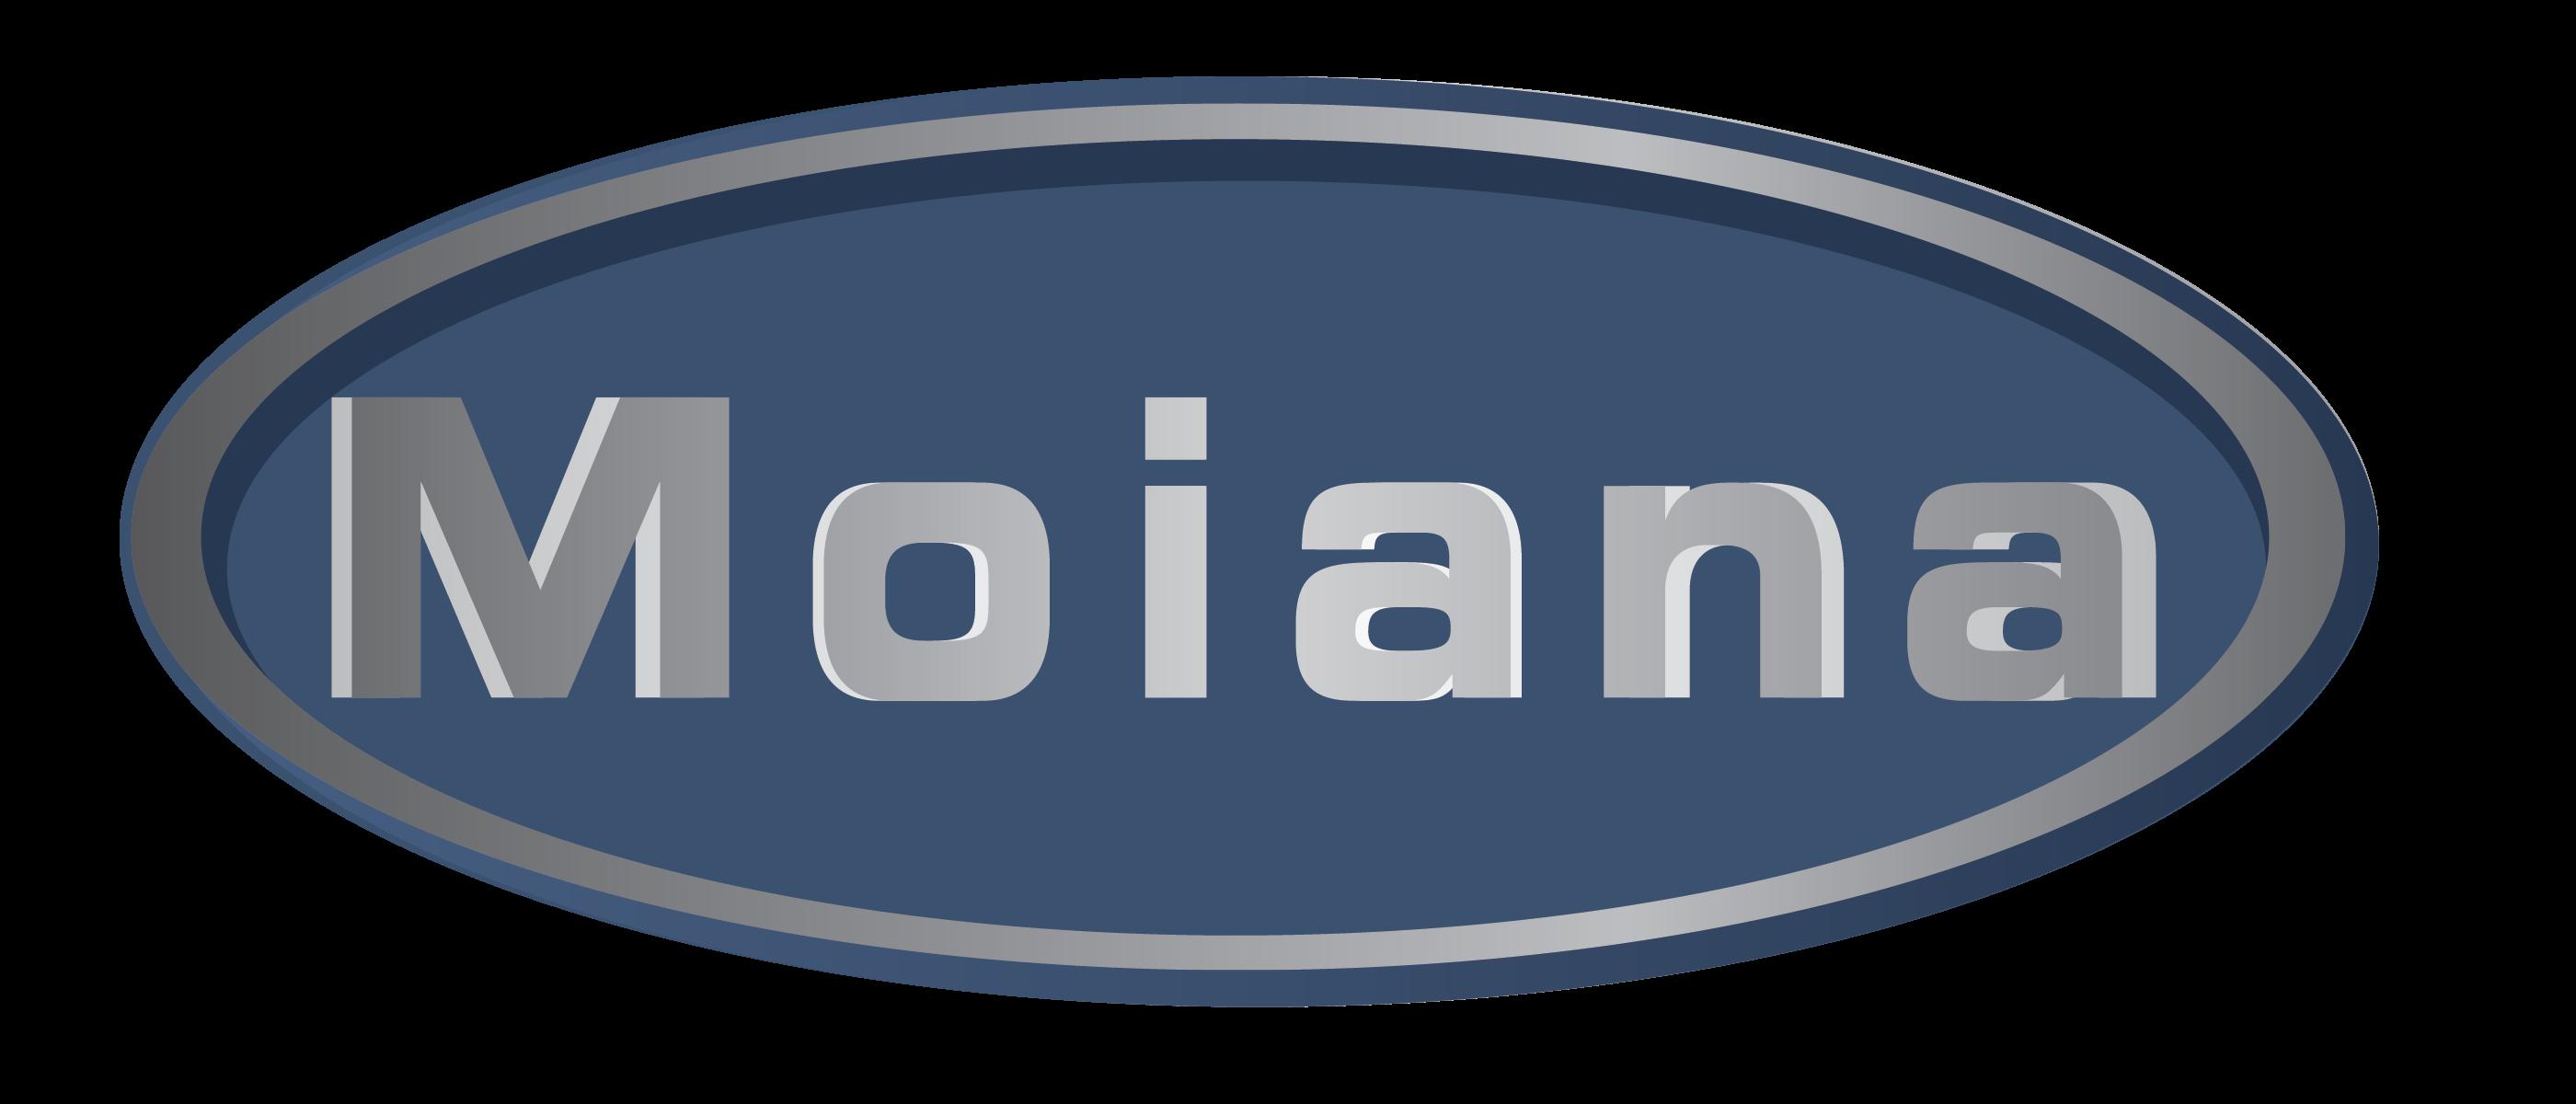 Moiana s.n.c. - Interventi in Spazi Confinati